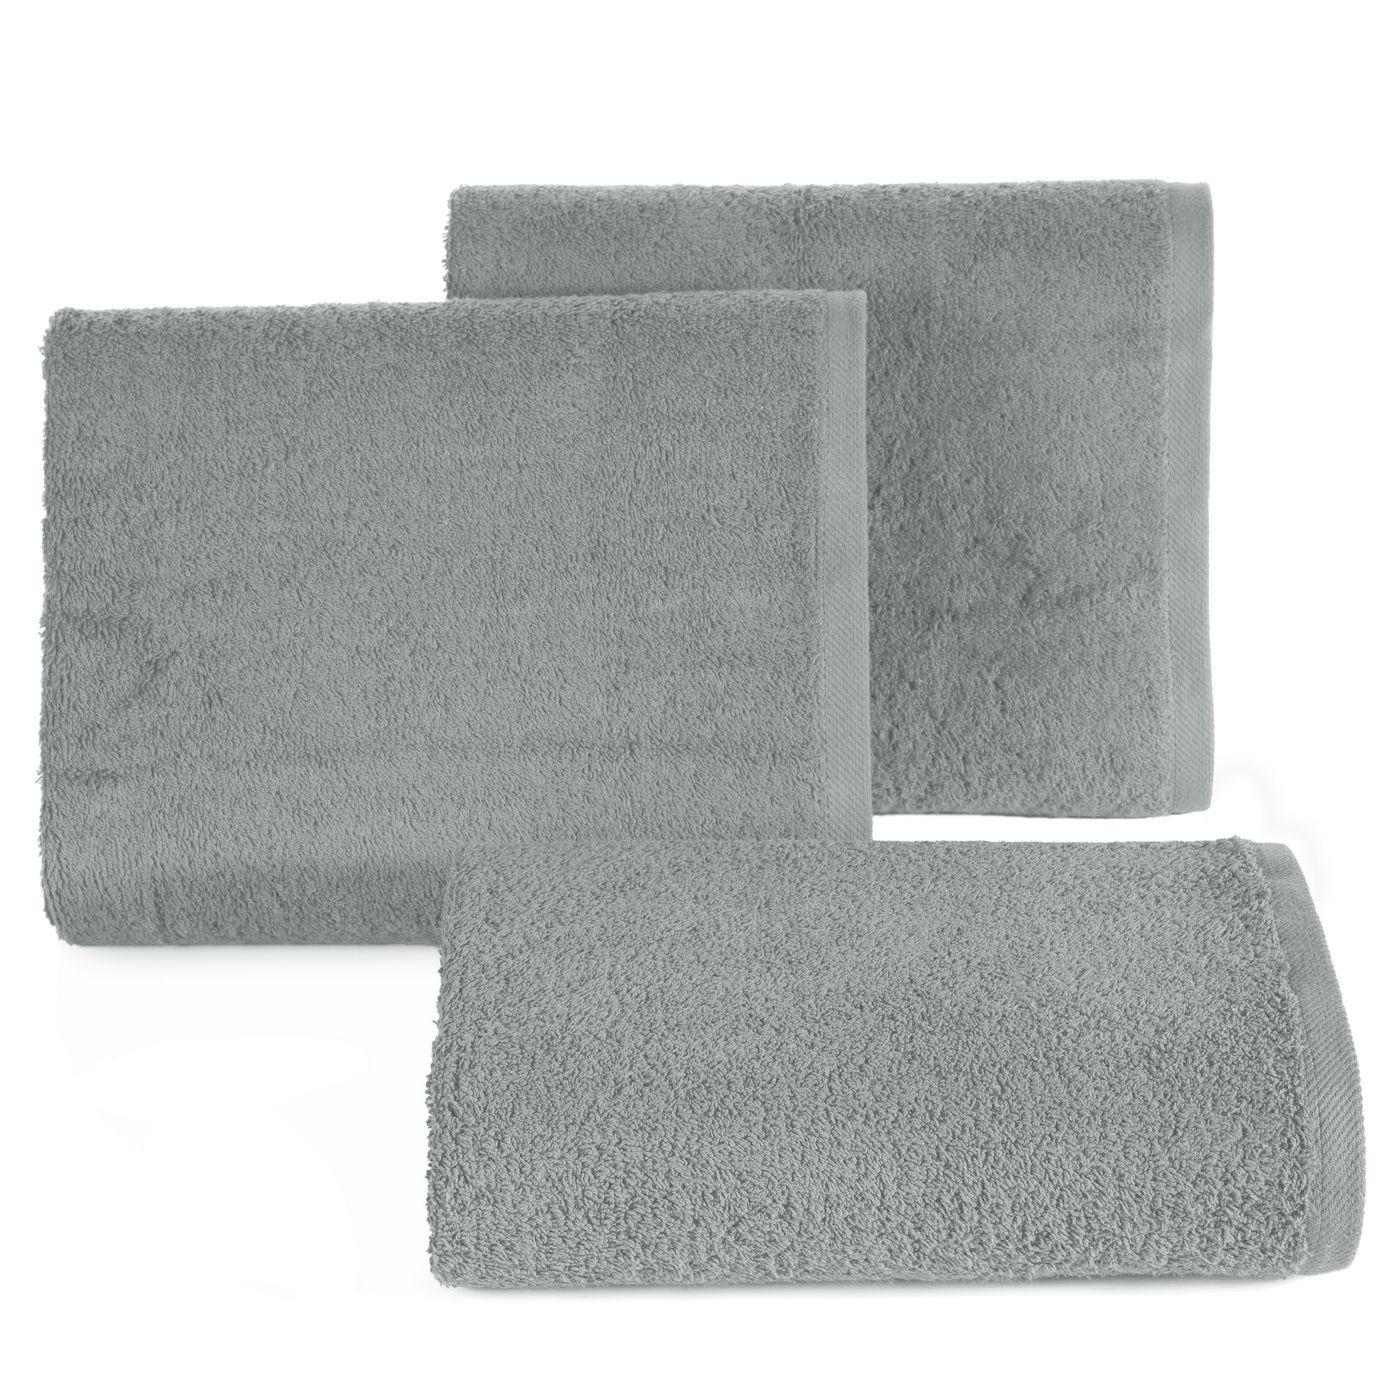 Ręcznik bawełniany gładki stalowy 30x50 cm